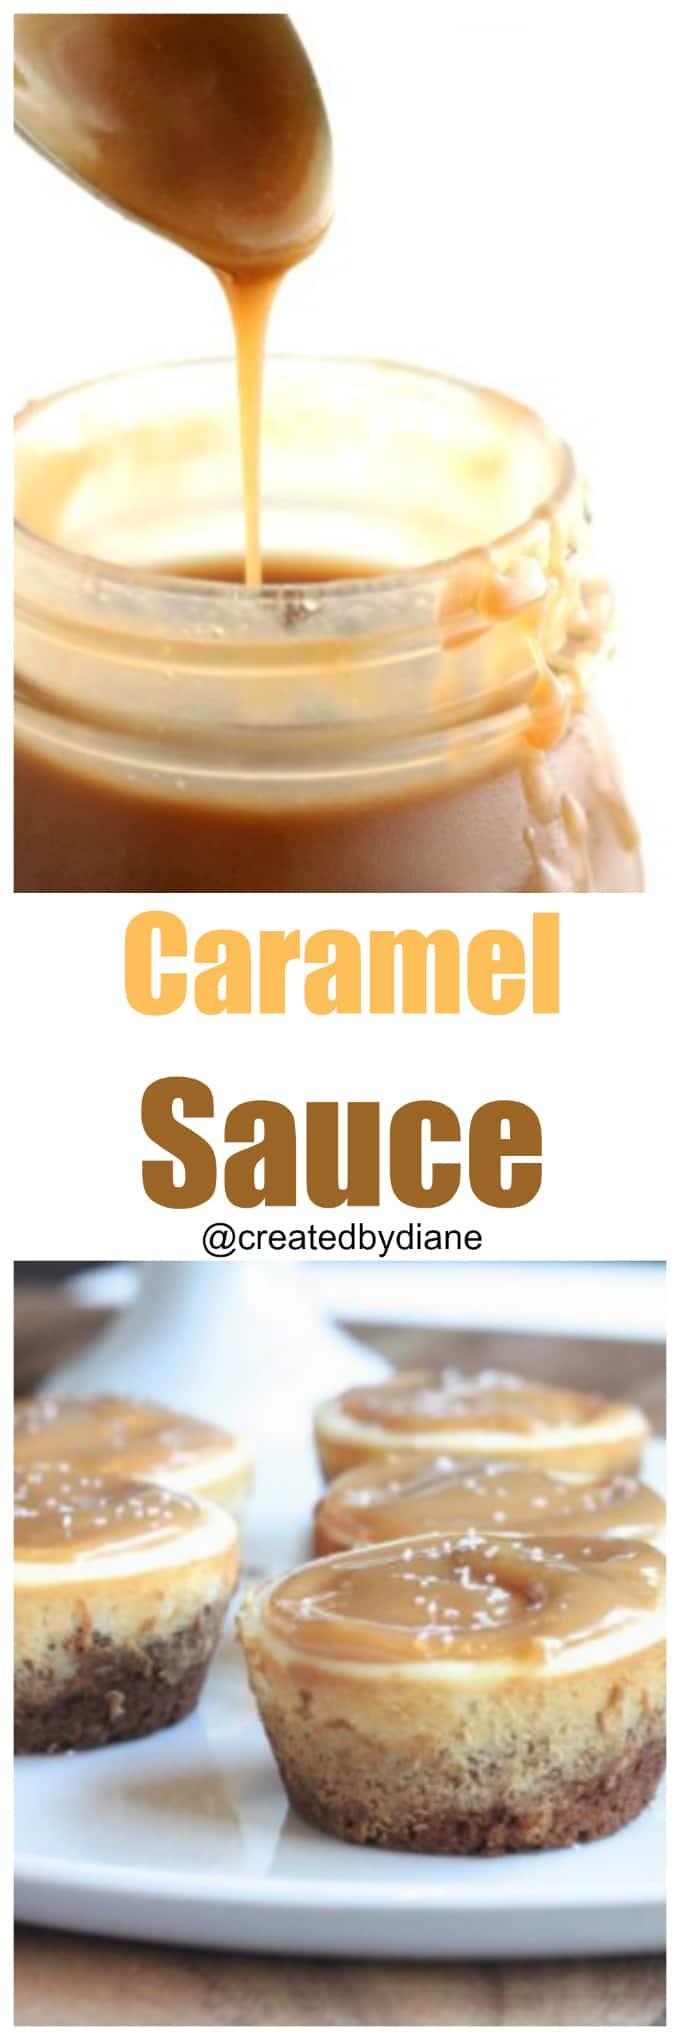 caramel-sauce-createdbydiane